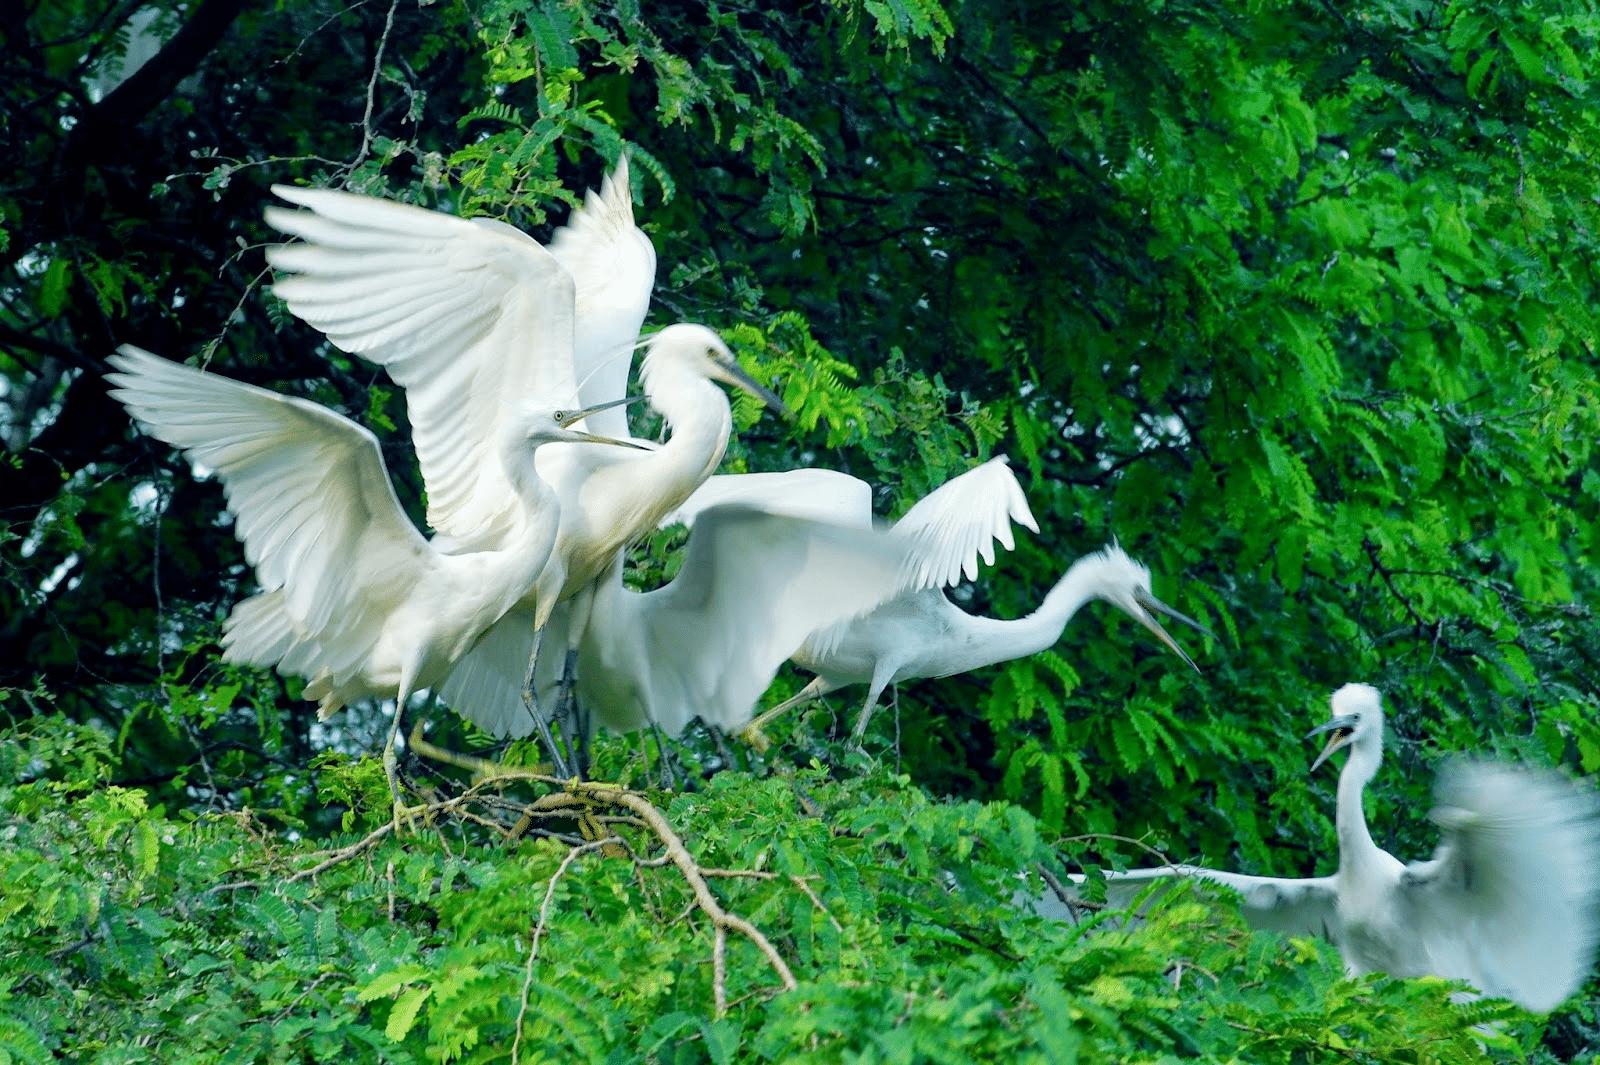 Nông trại du lịch - Sân chim Vàm Hồ